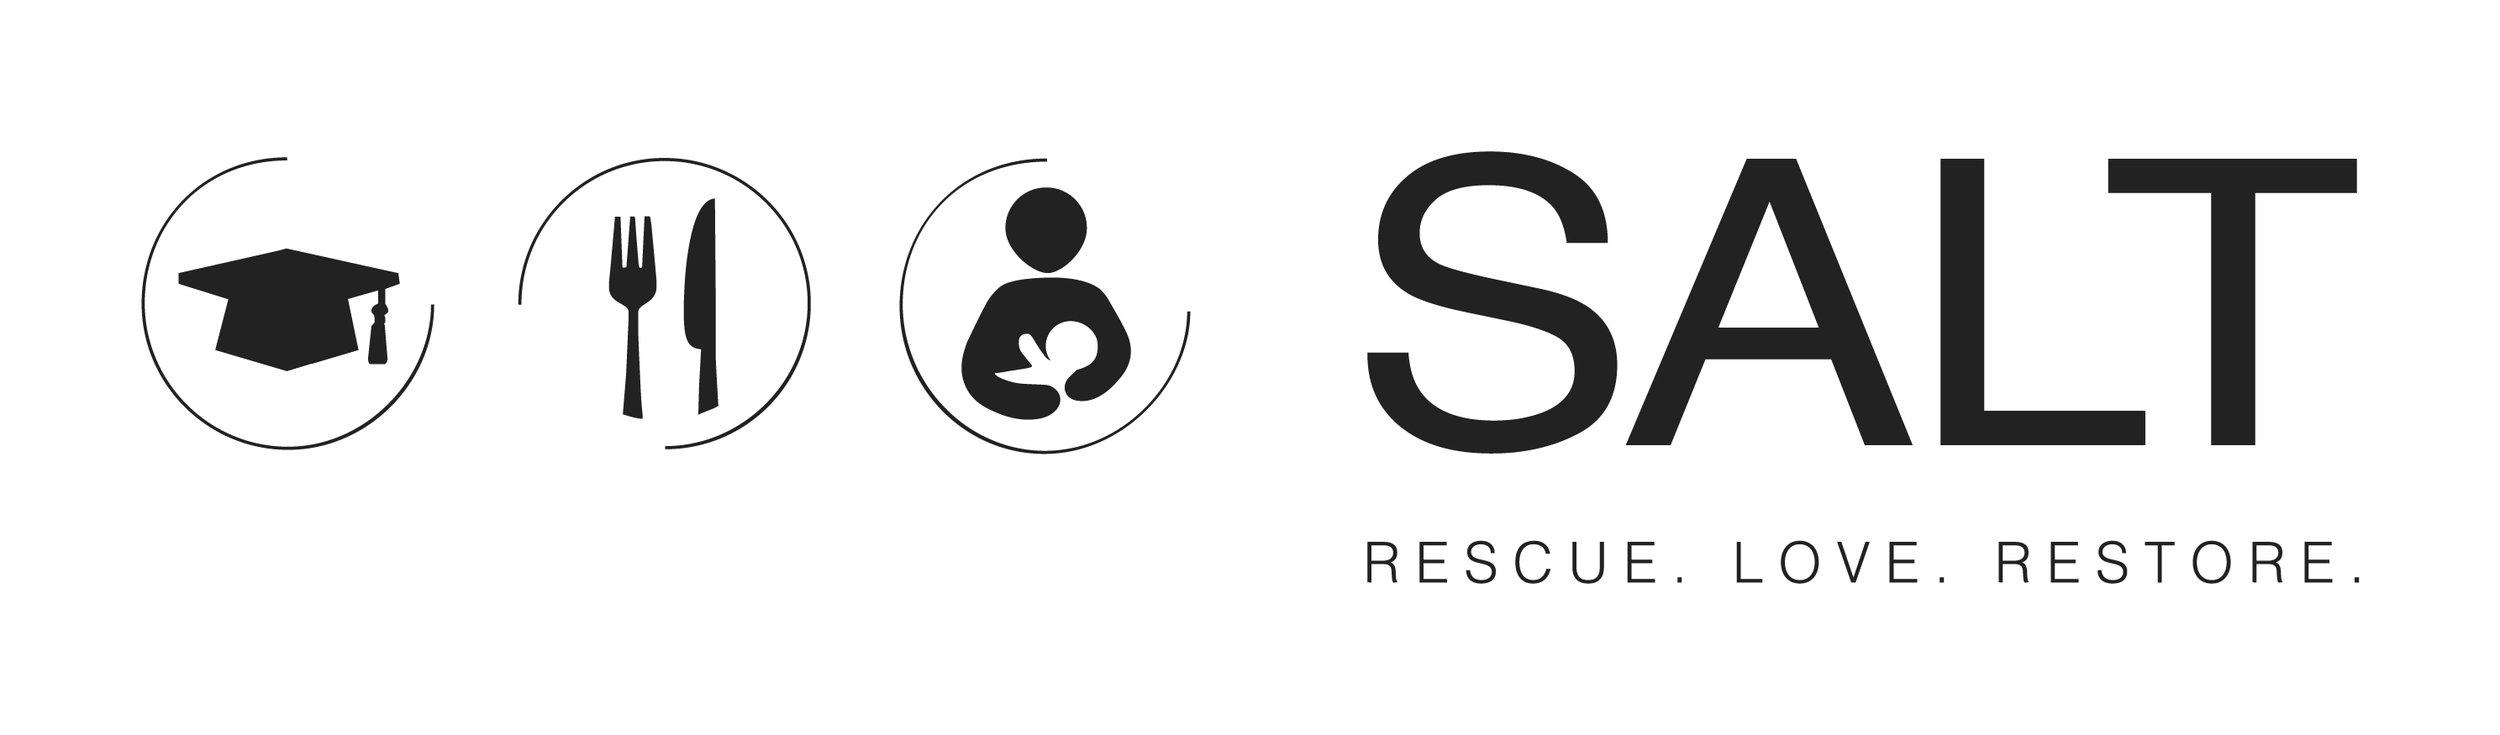 SALT-New-Logo-Final-06.jpg